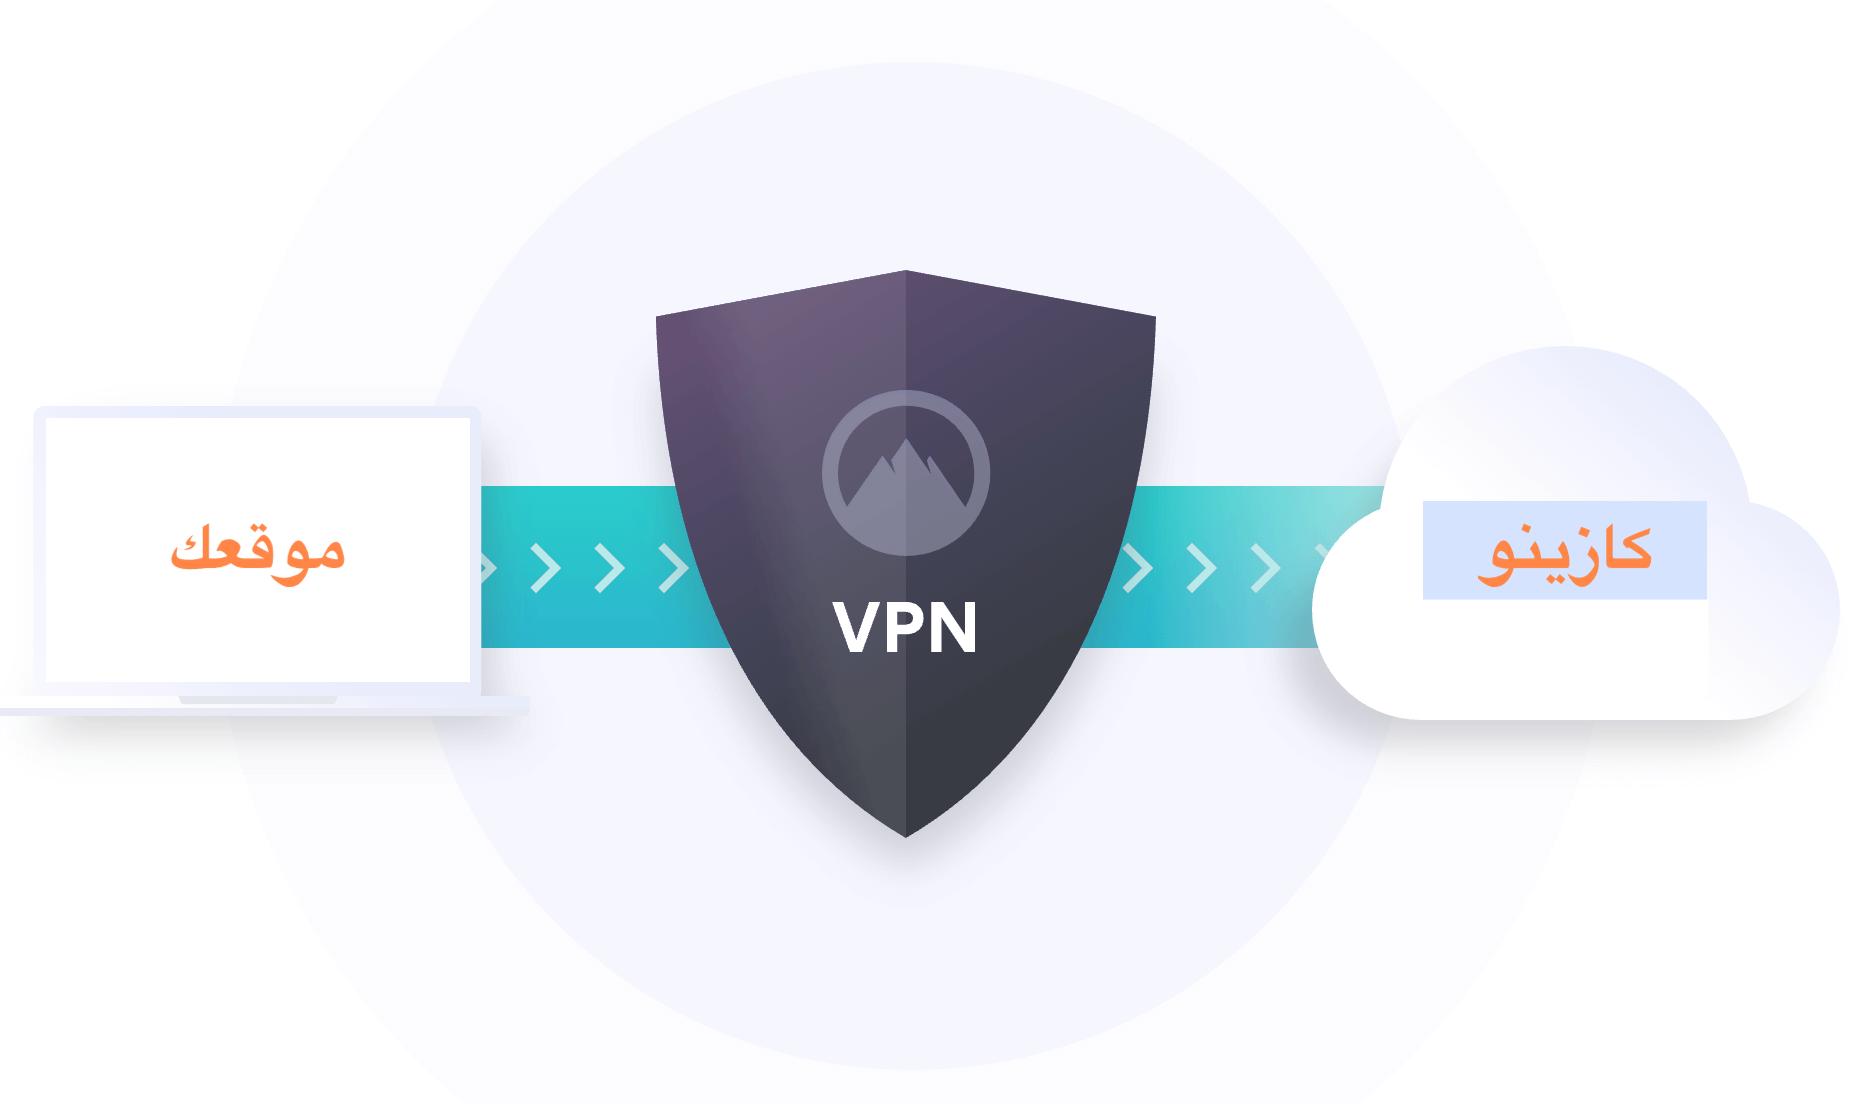 أفضل كازينو اون لاين  VPN